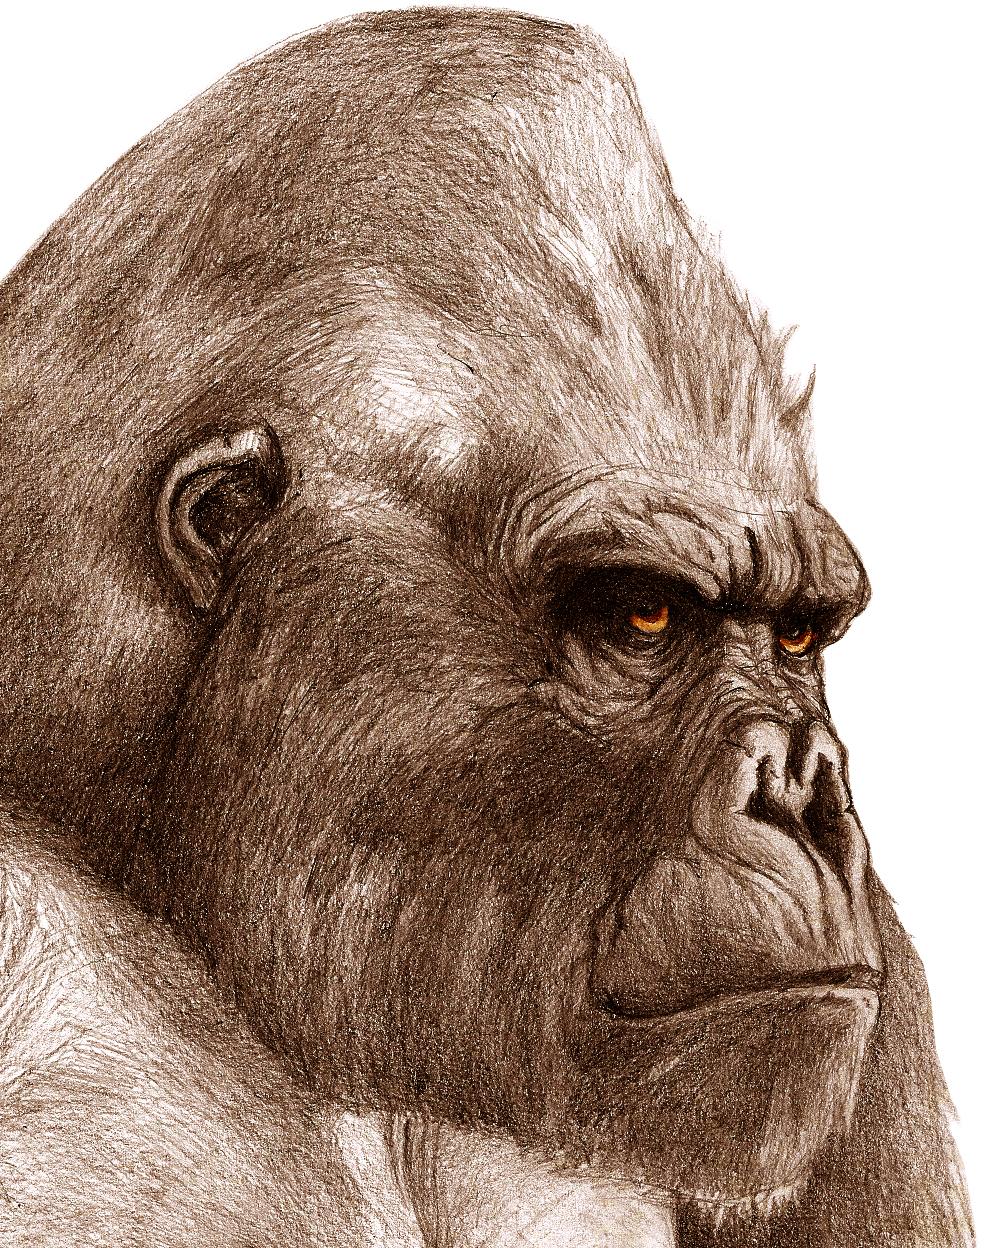 991x1248 King Kong King Kong King Kong, Monkey And Animal